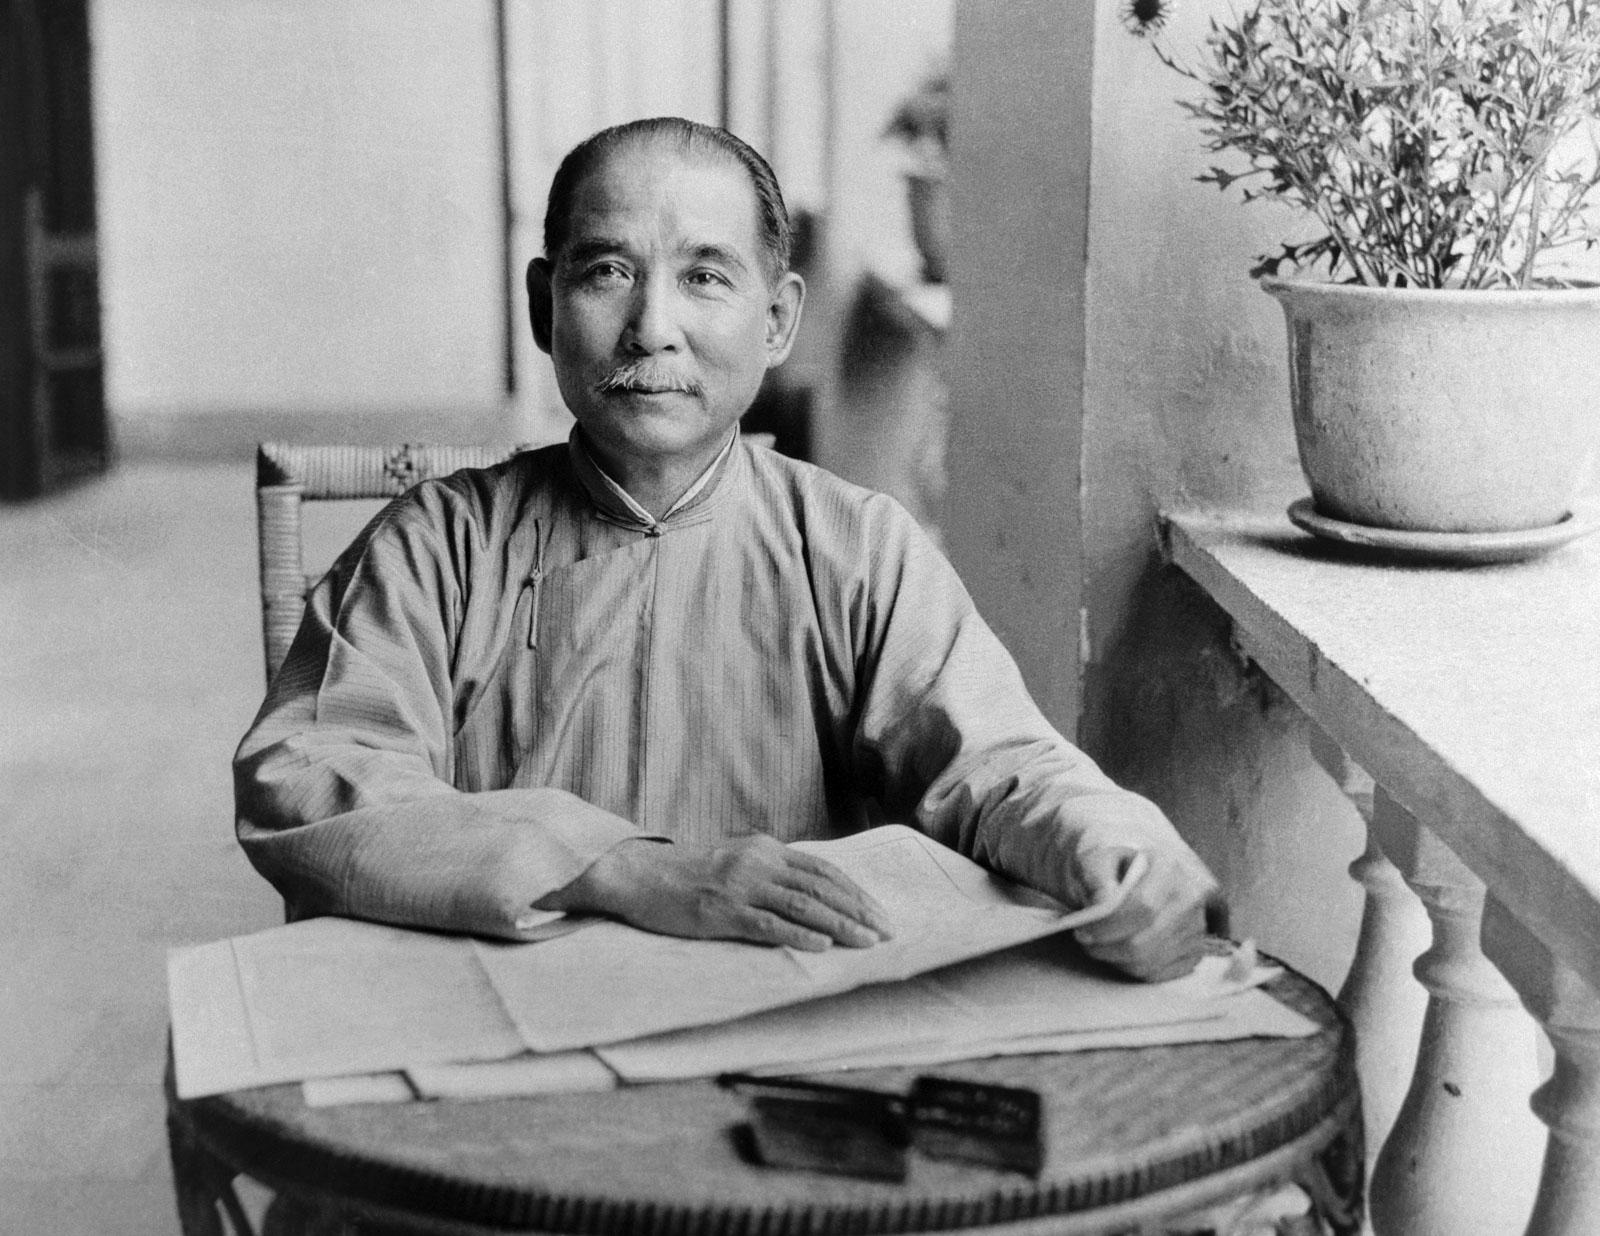 Dr. Sun Yat-sen in 1924 in Guangzhou